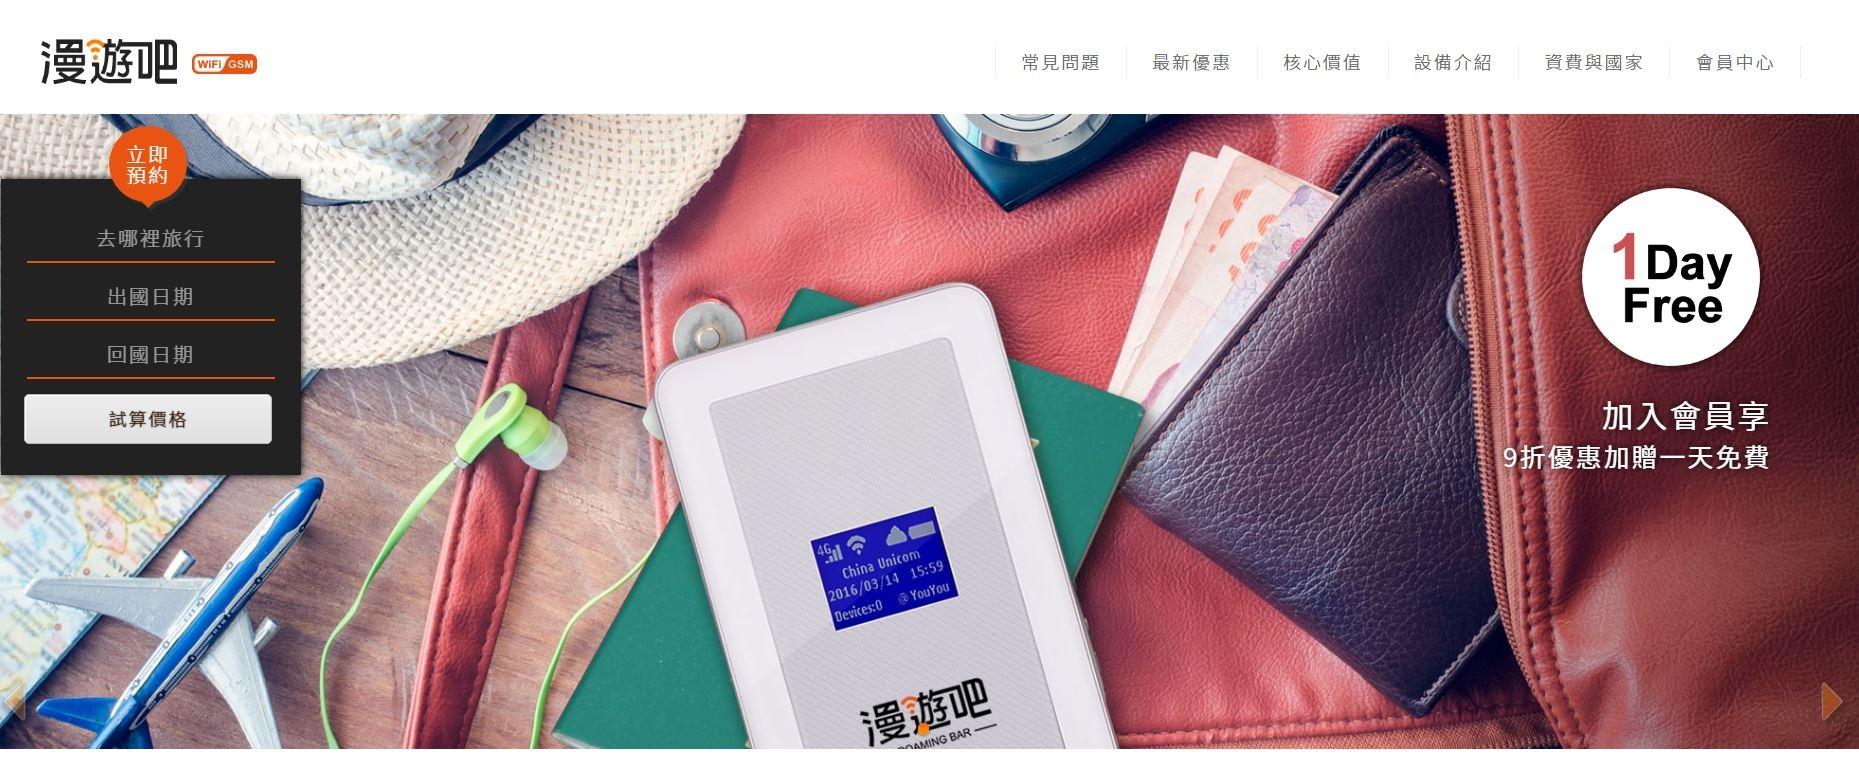 20160908《出國行前準備》機場接送X 租借漫遊吧無限分享器WiFi分享器︱ (4).JPG